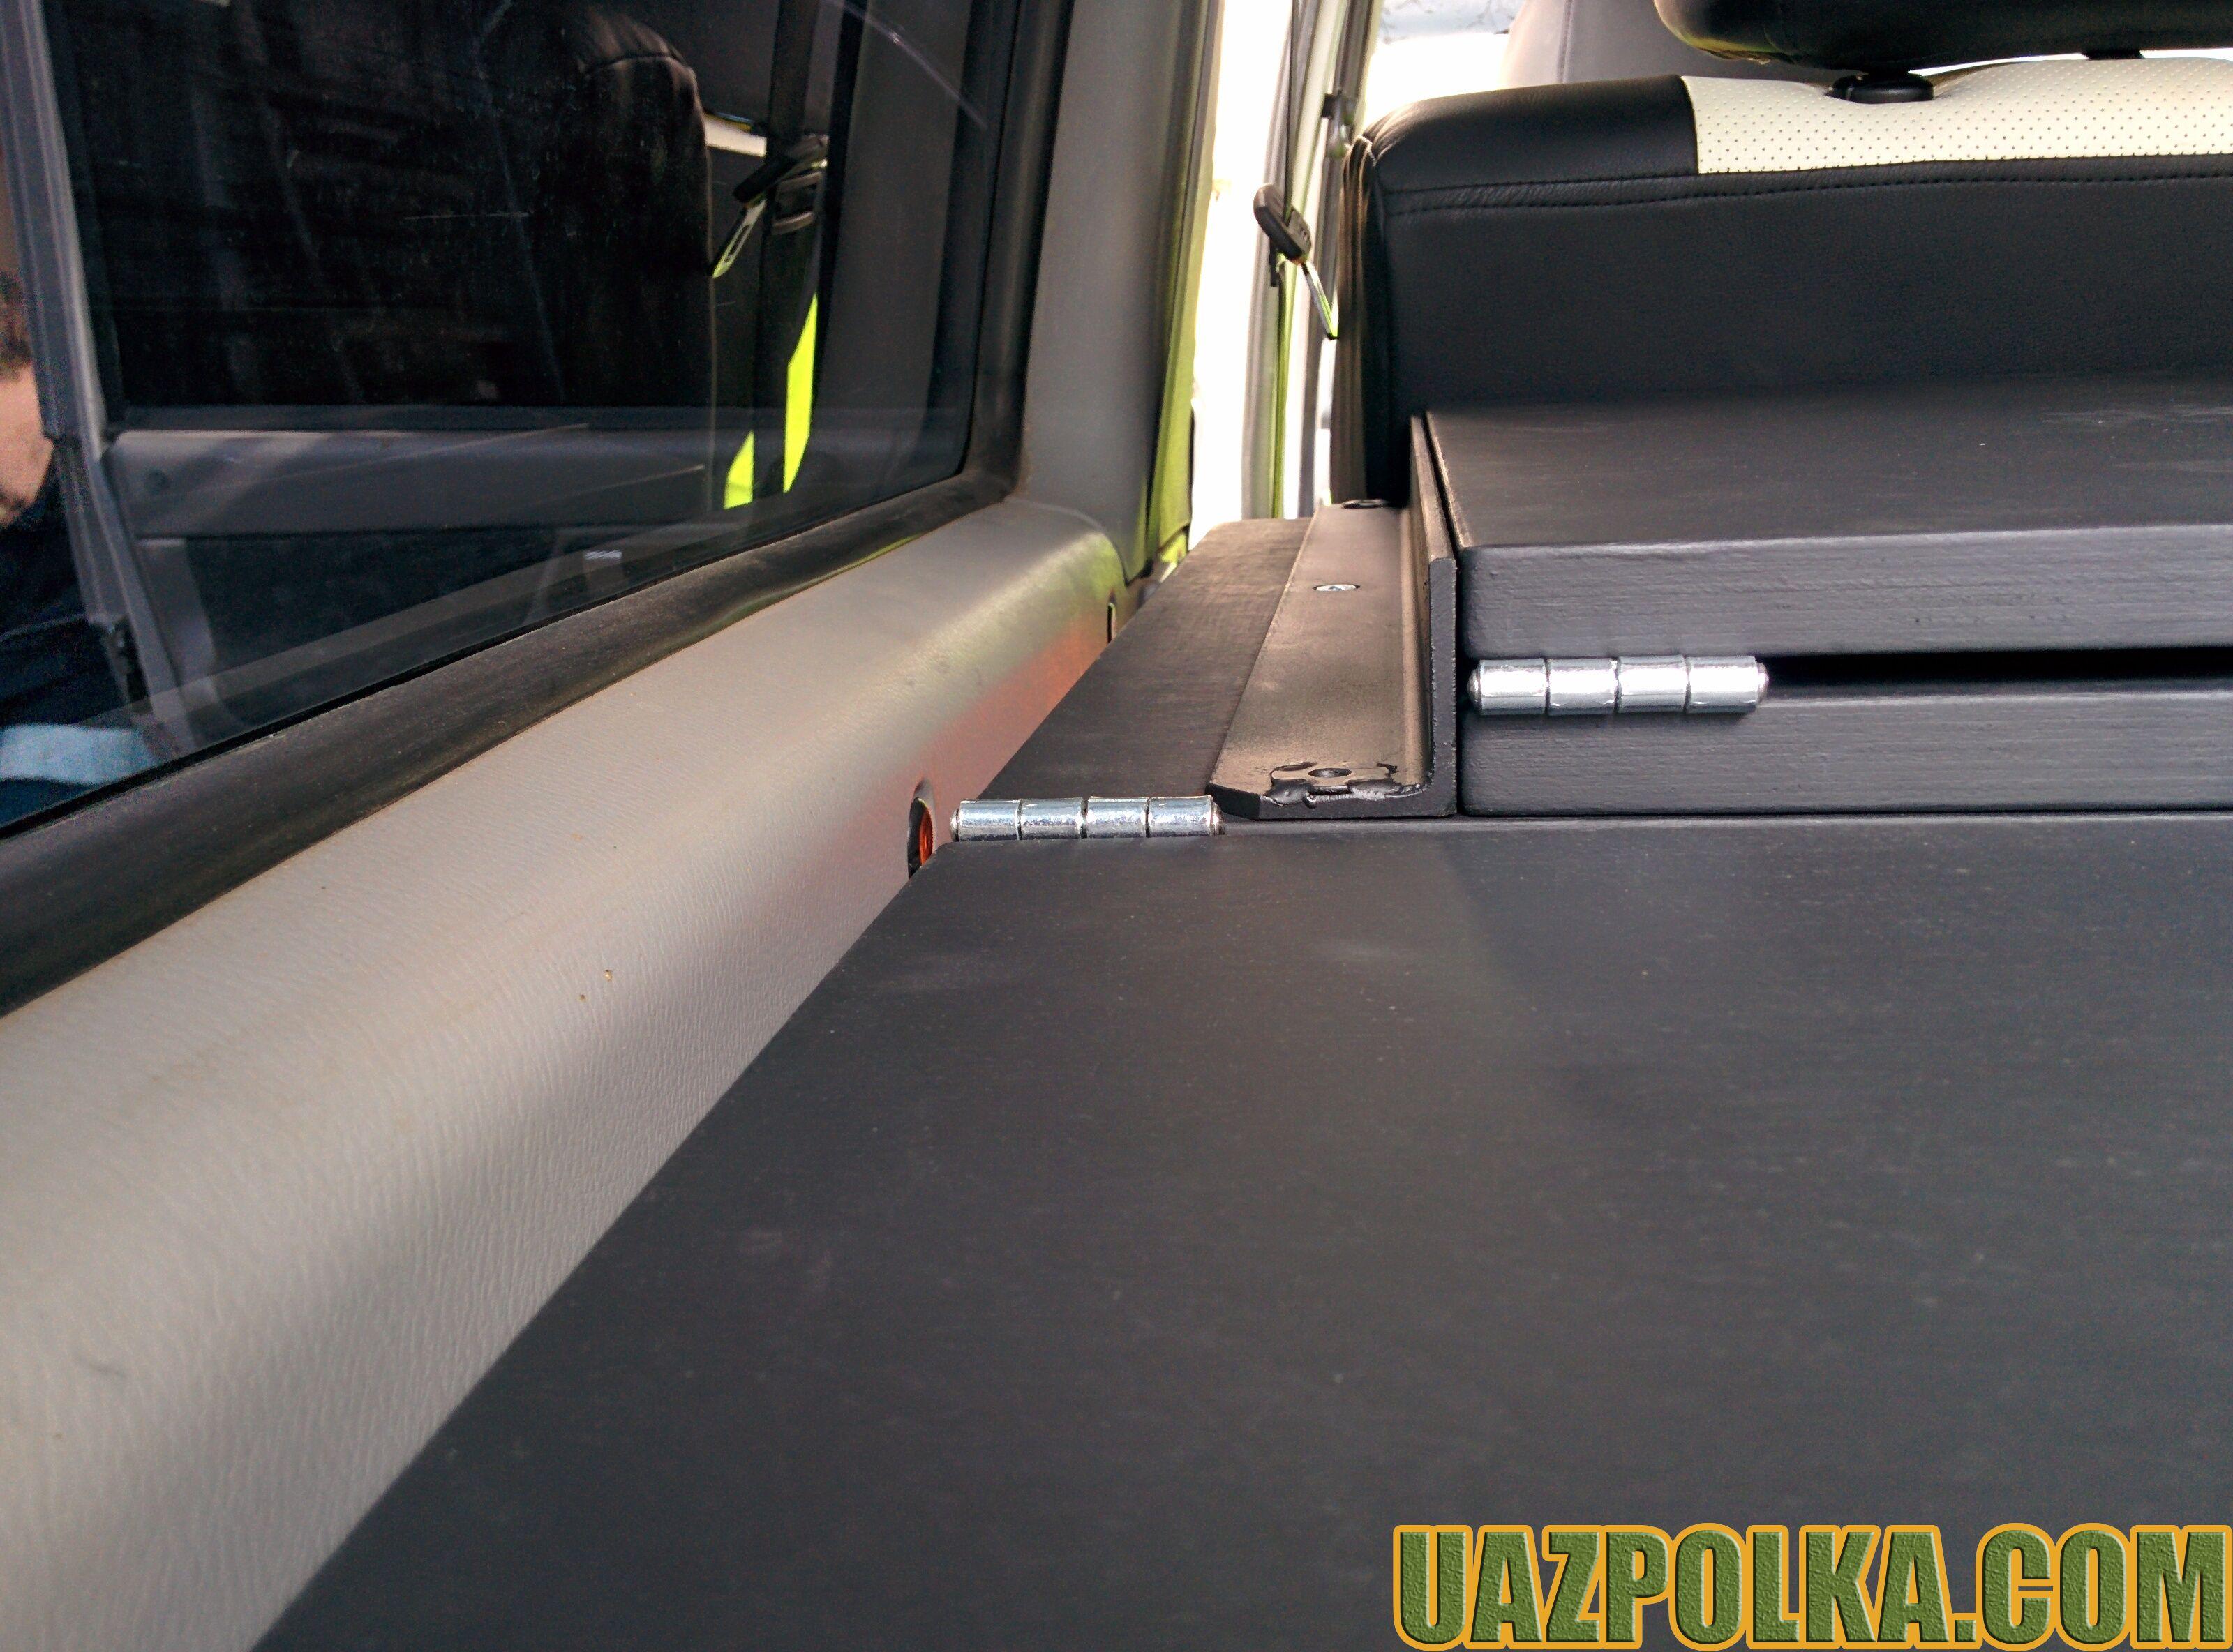 Полка Эконом New с лежанкой на ящиках стороннего производителя_19